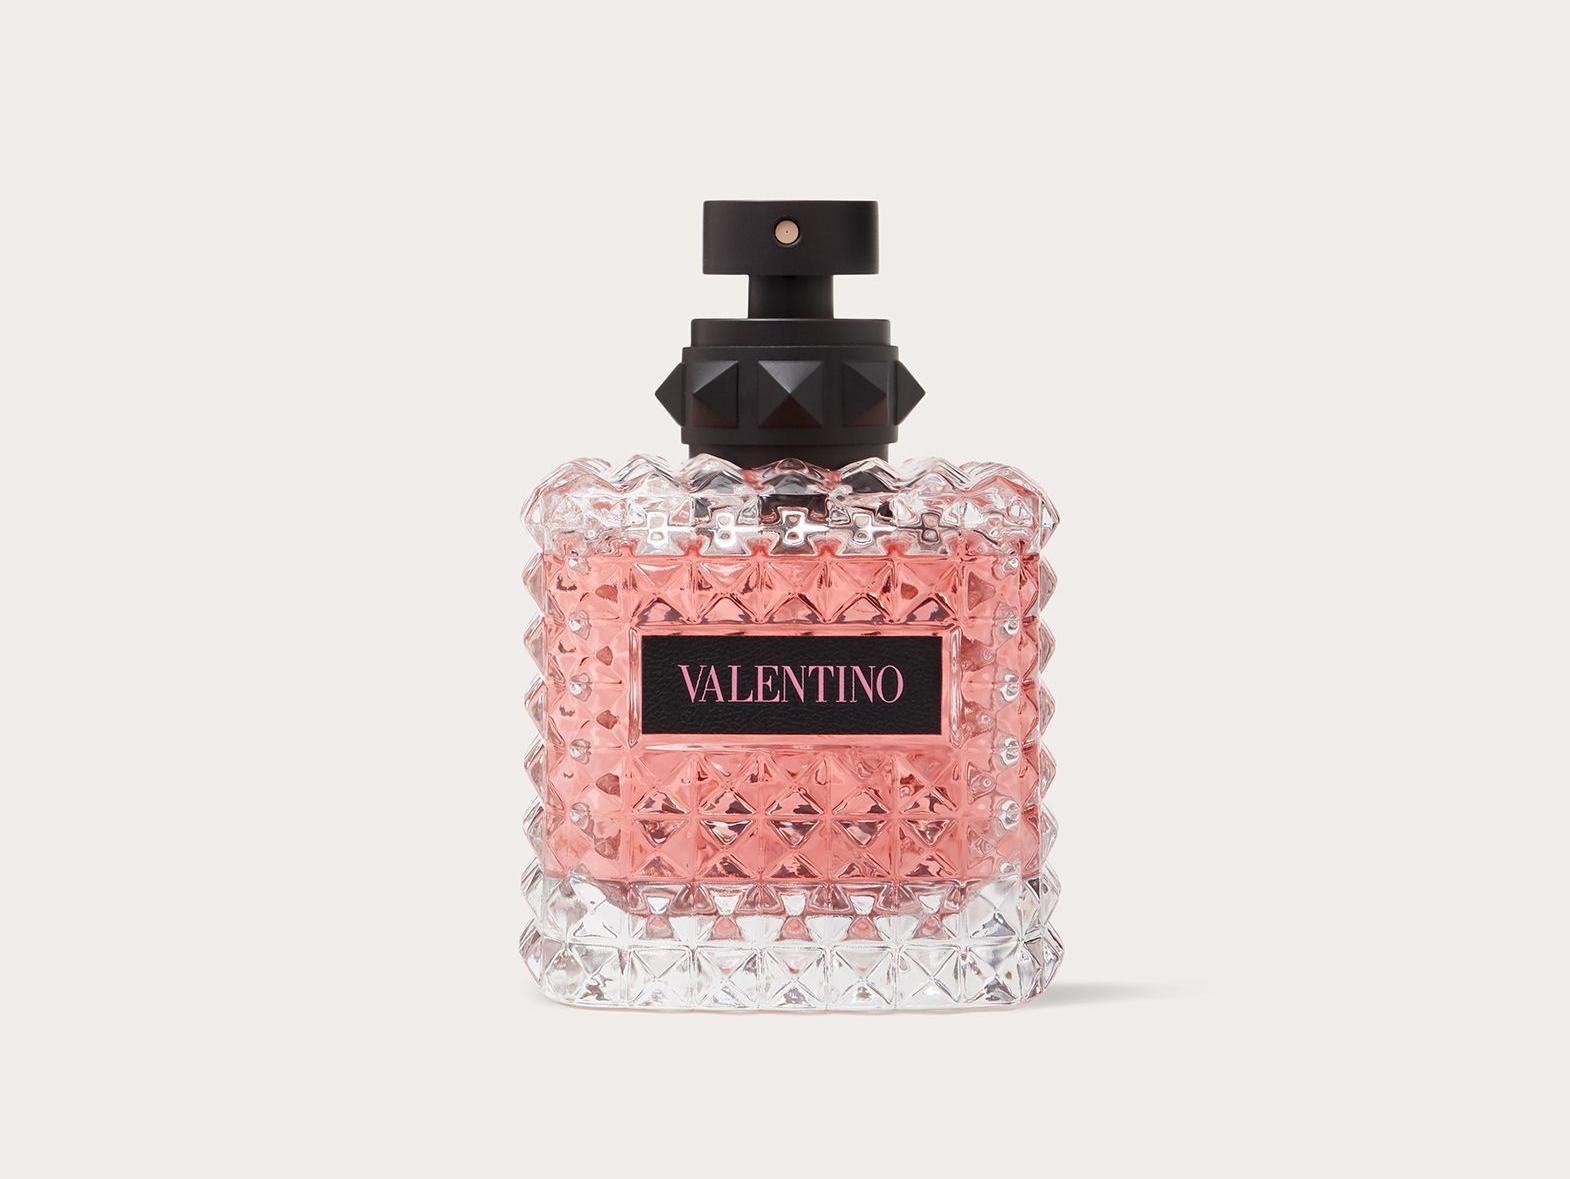 Valentino 'Born in Roma' scent, Sephora. Courtesy Valentino